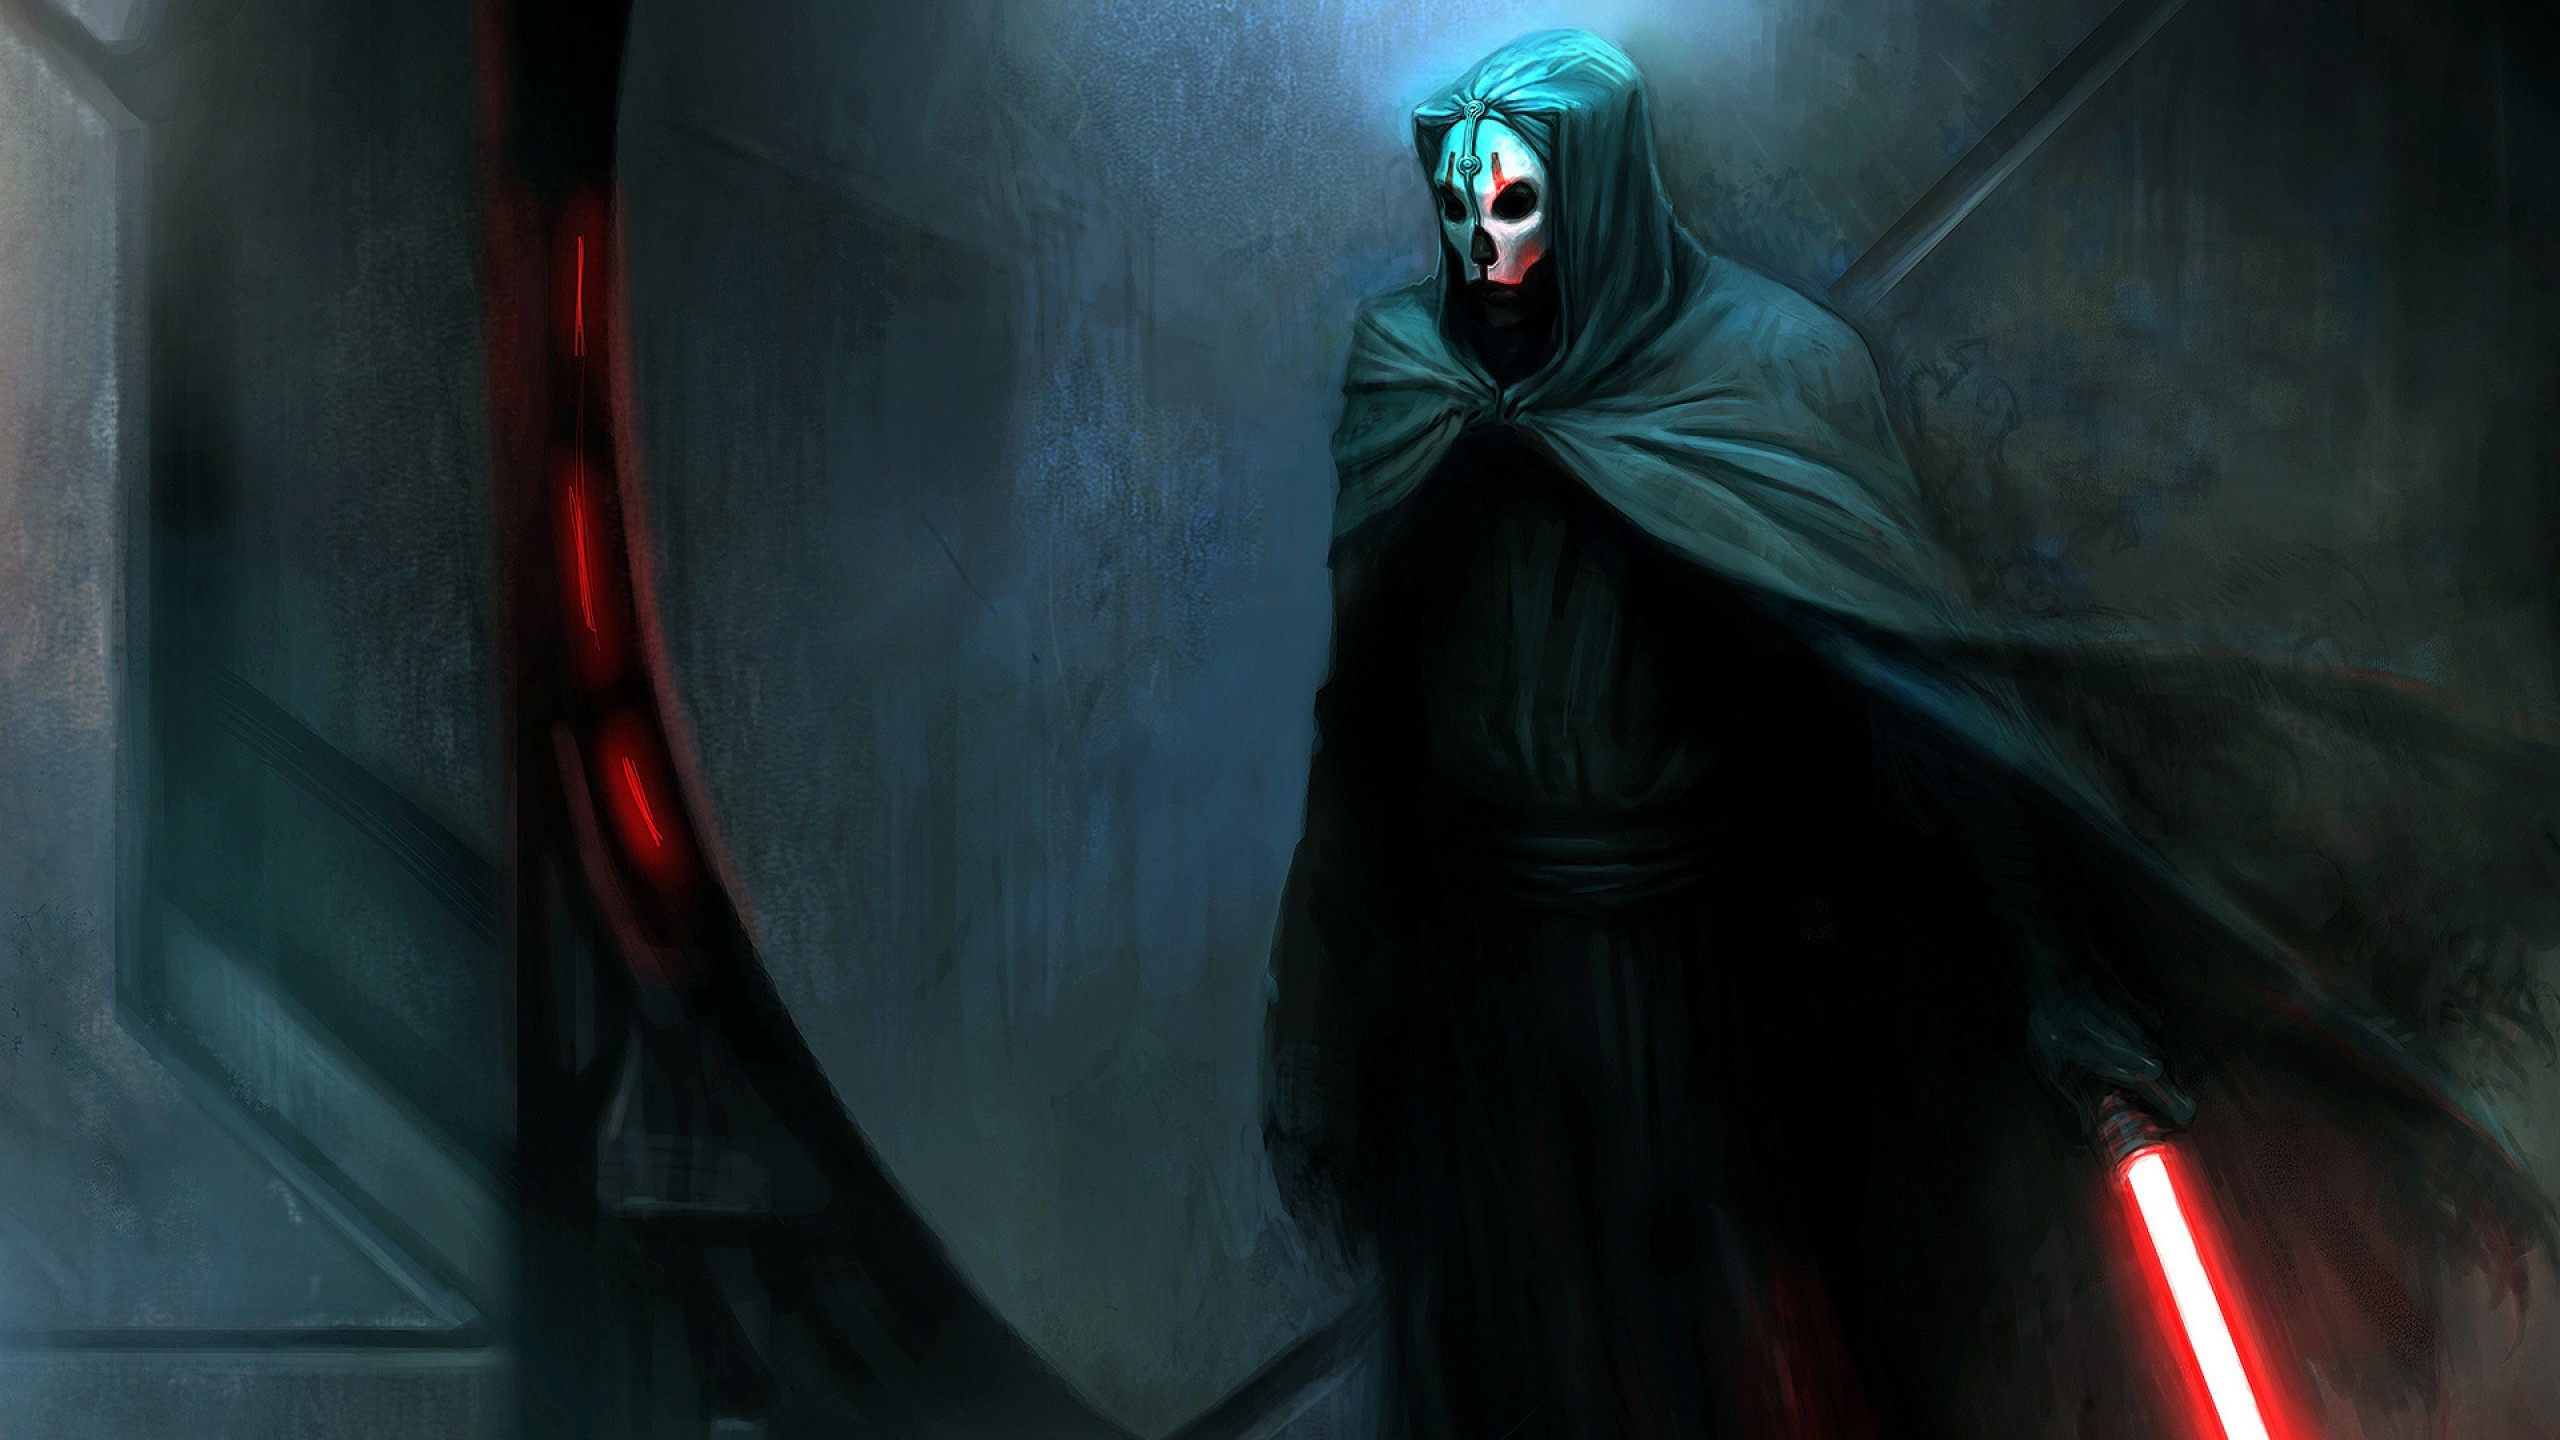 Star Wars, Clone Trooper Wallpaper HD